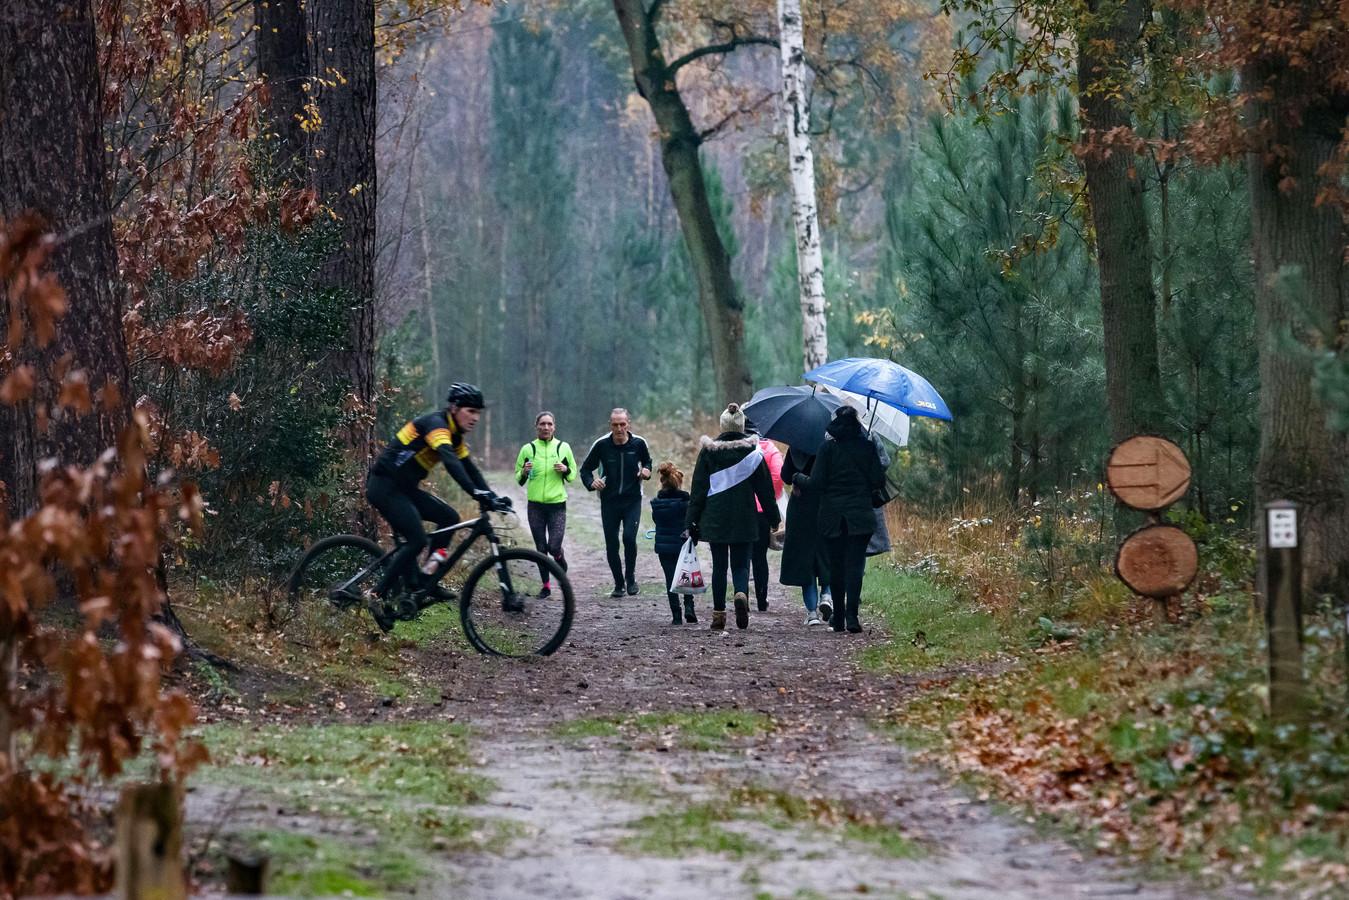 Mountainbikers en wandelaars treffen elkaar regelmatig in de bossen bij Ossendrecht. Irritaties die zo kunnen ontstaan, zijn mogelijk de aanleiding voor de staalkabels die nu in het bos gespannen zijn en al tot één gewonde mtb'er hebben geleid.